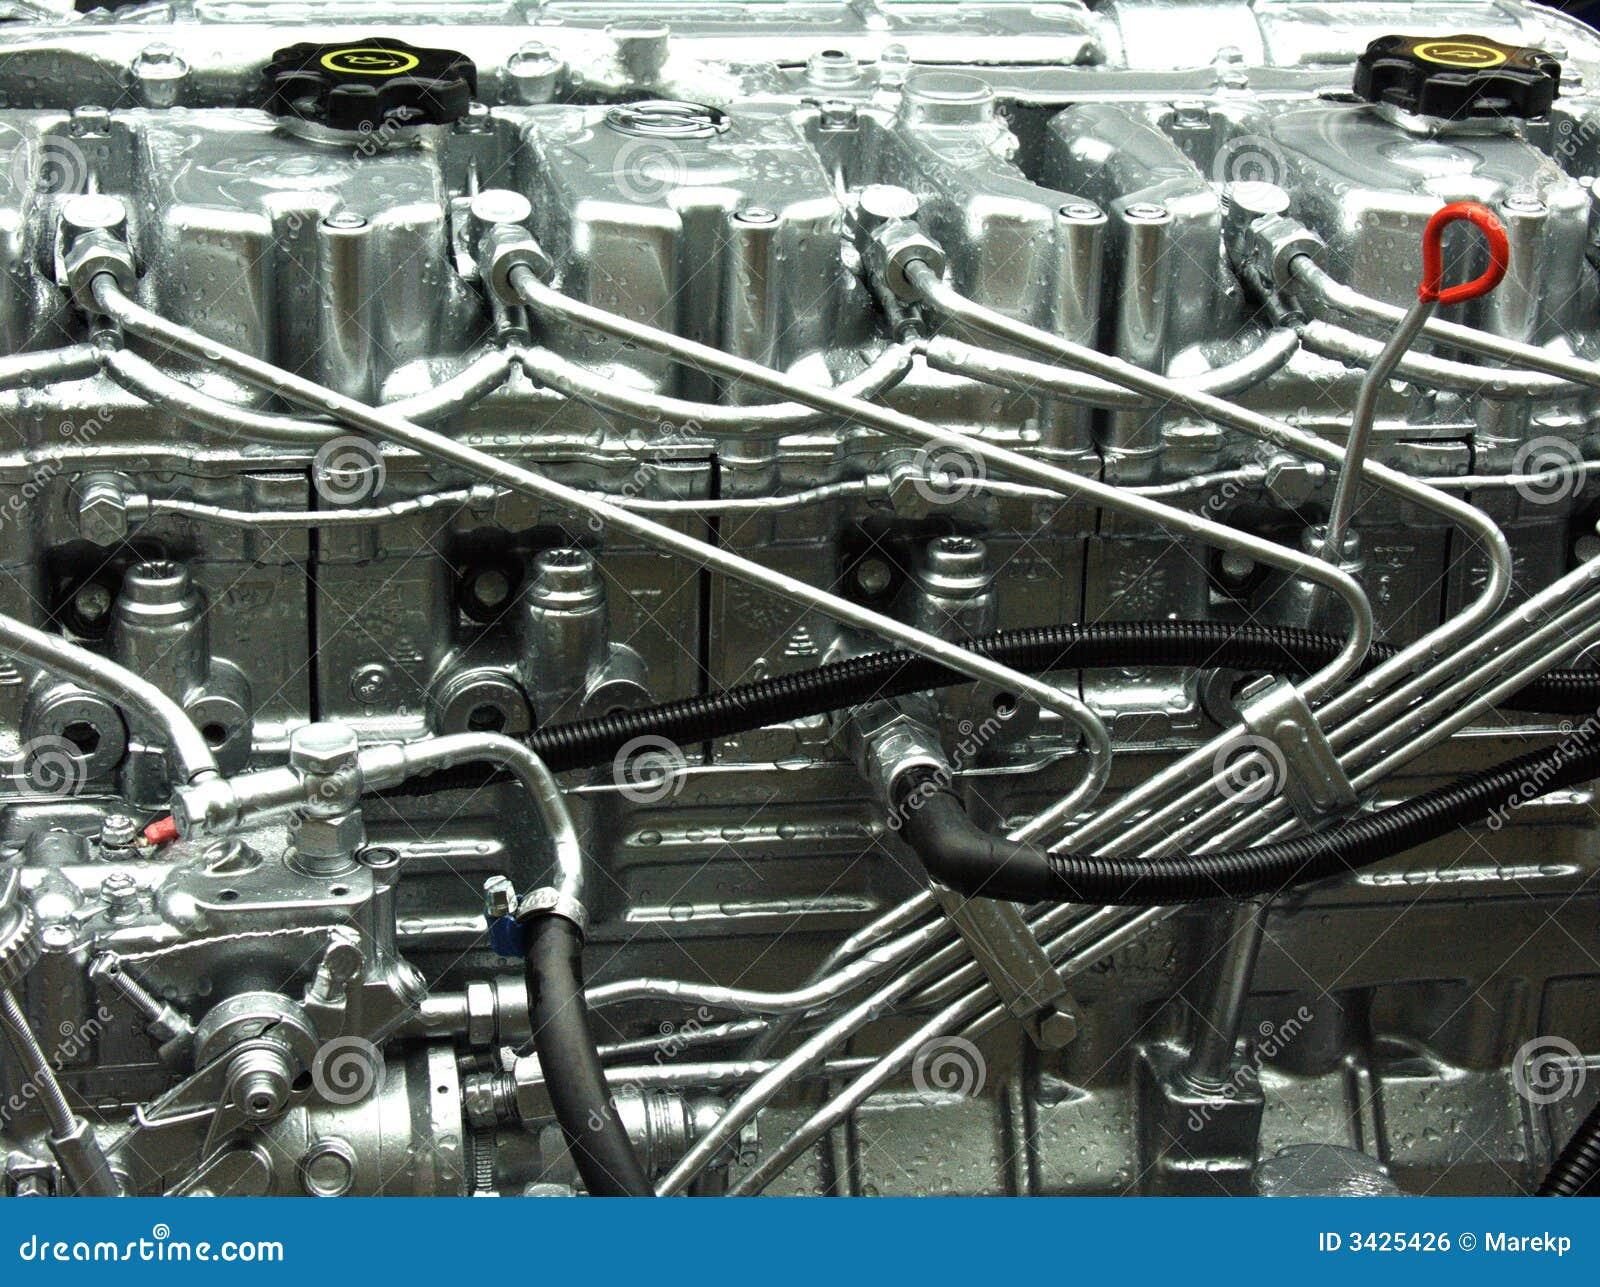 Fantastisch Alle Teile Eines Automotors Zeitgenössisch - Elektrische ...